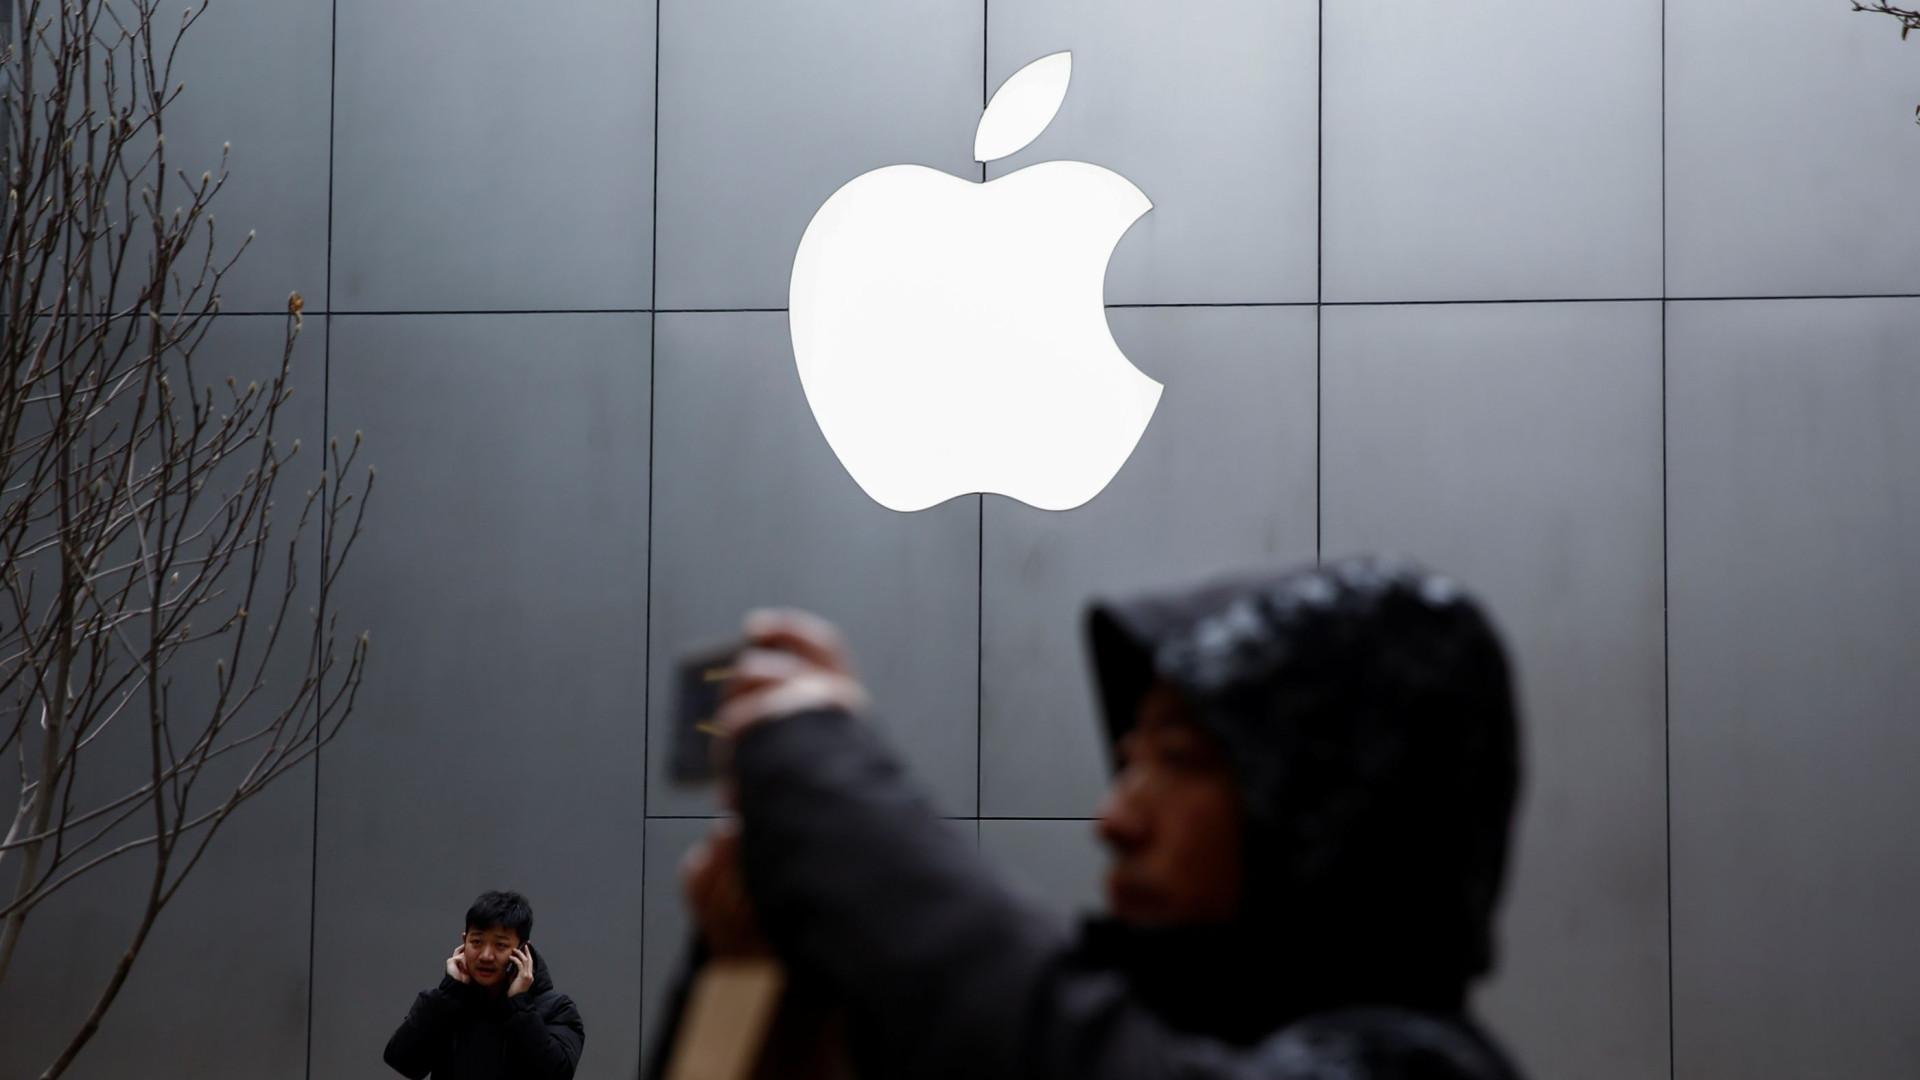 O iPhone pode vir a ter Inteligência Artificial mais poderosa